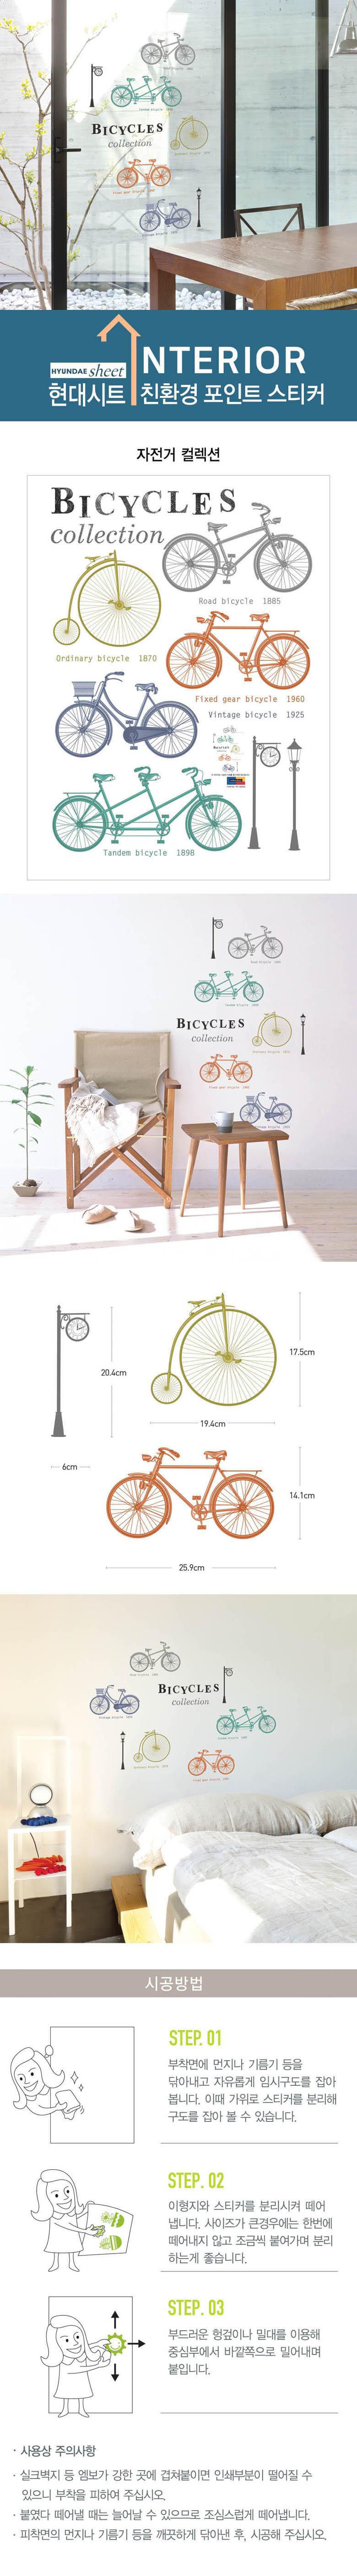 친환경 포인트스티커 자전거컬렉션 - 썬리빙, 9,900원, 월데코스티커, 라이프 스티커